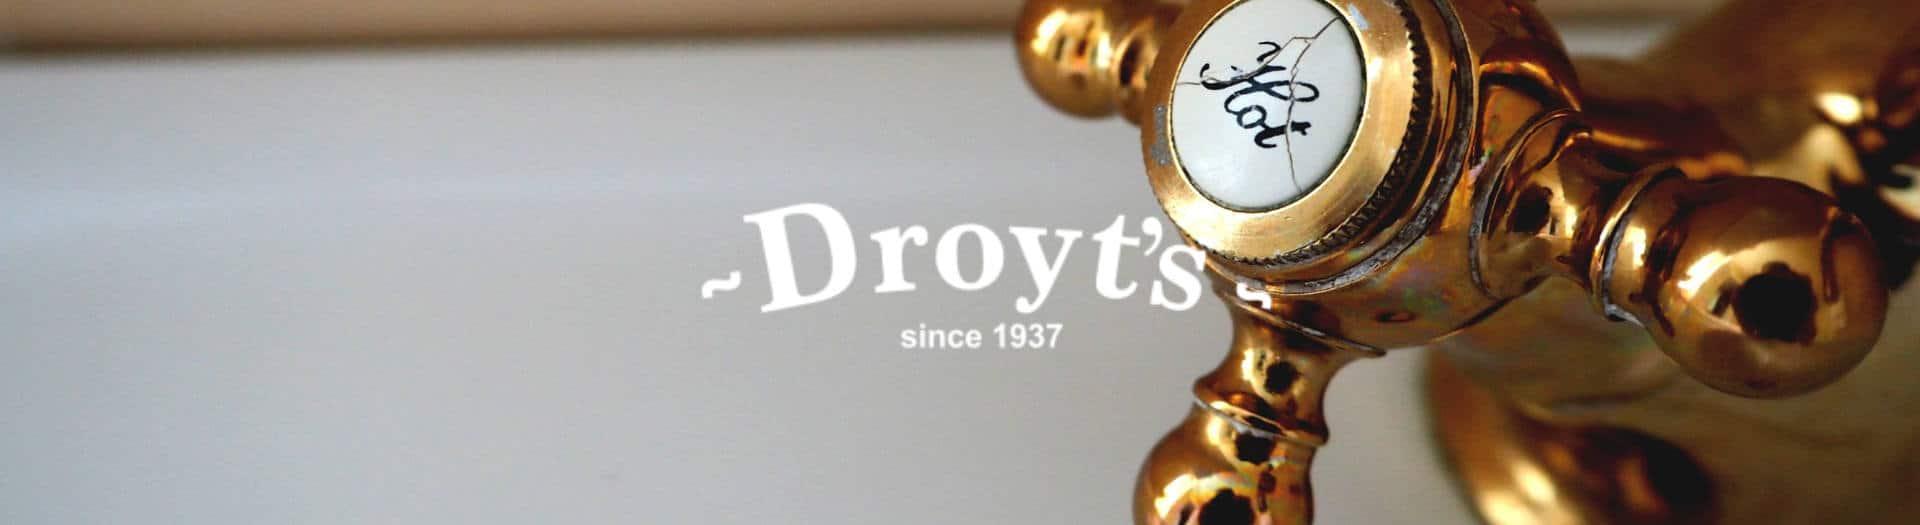 Droyts glycerine soap header